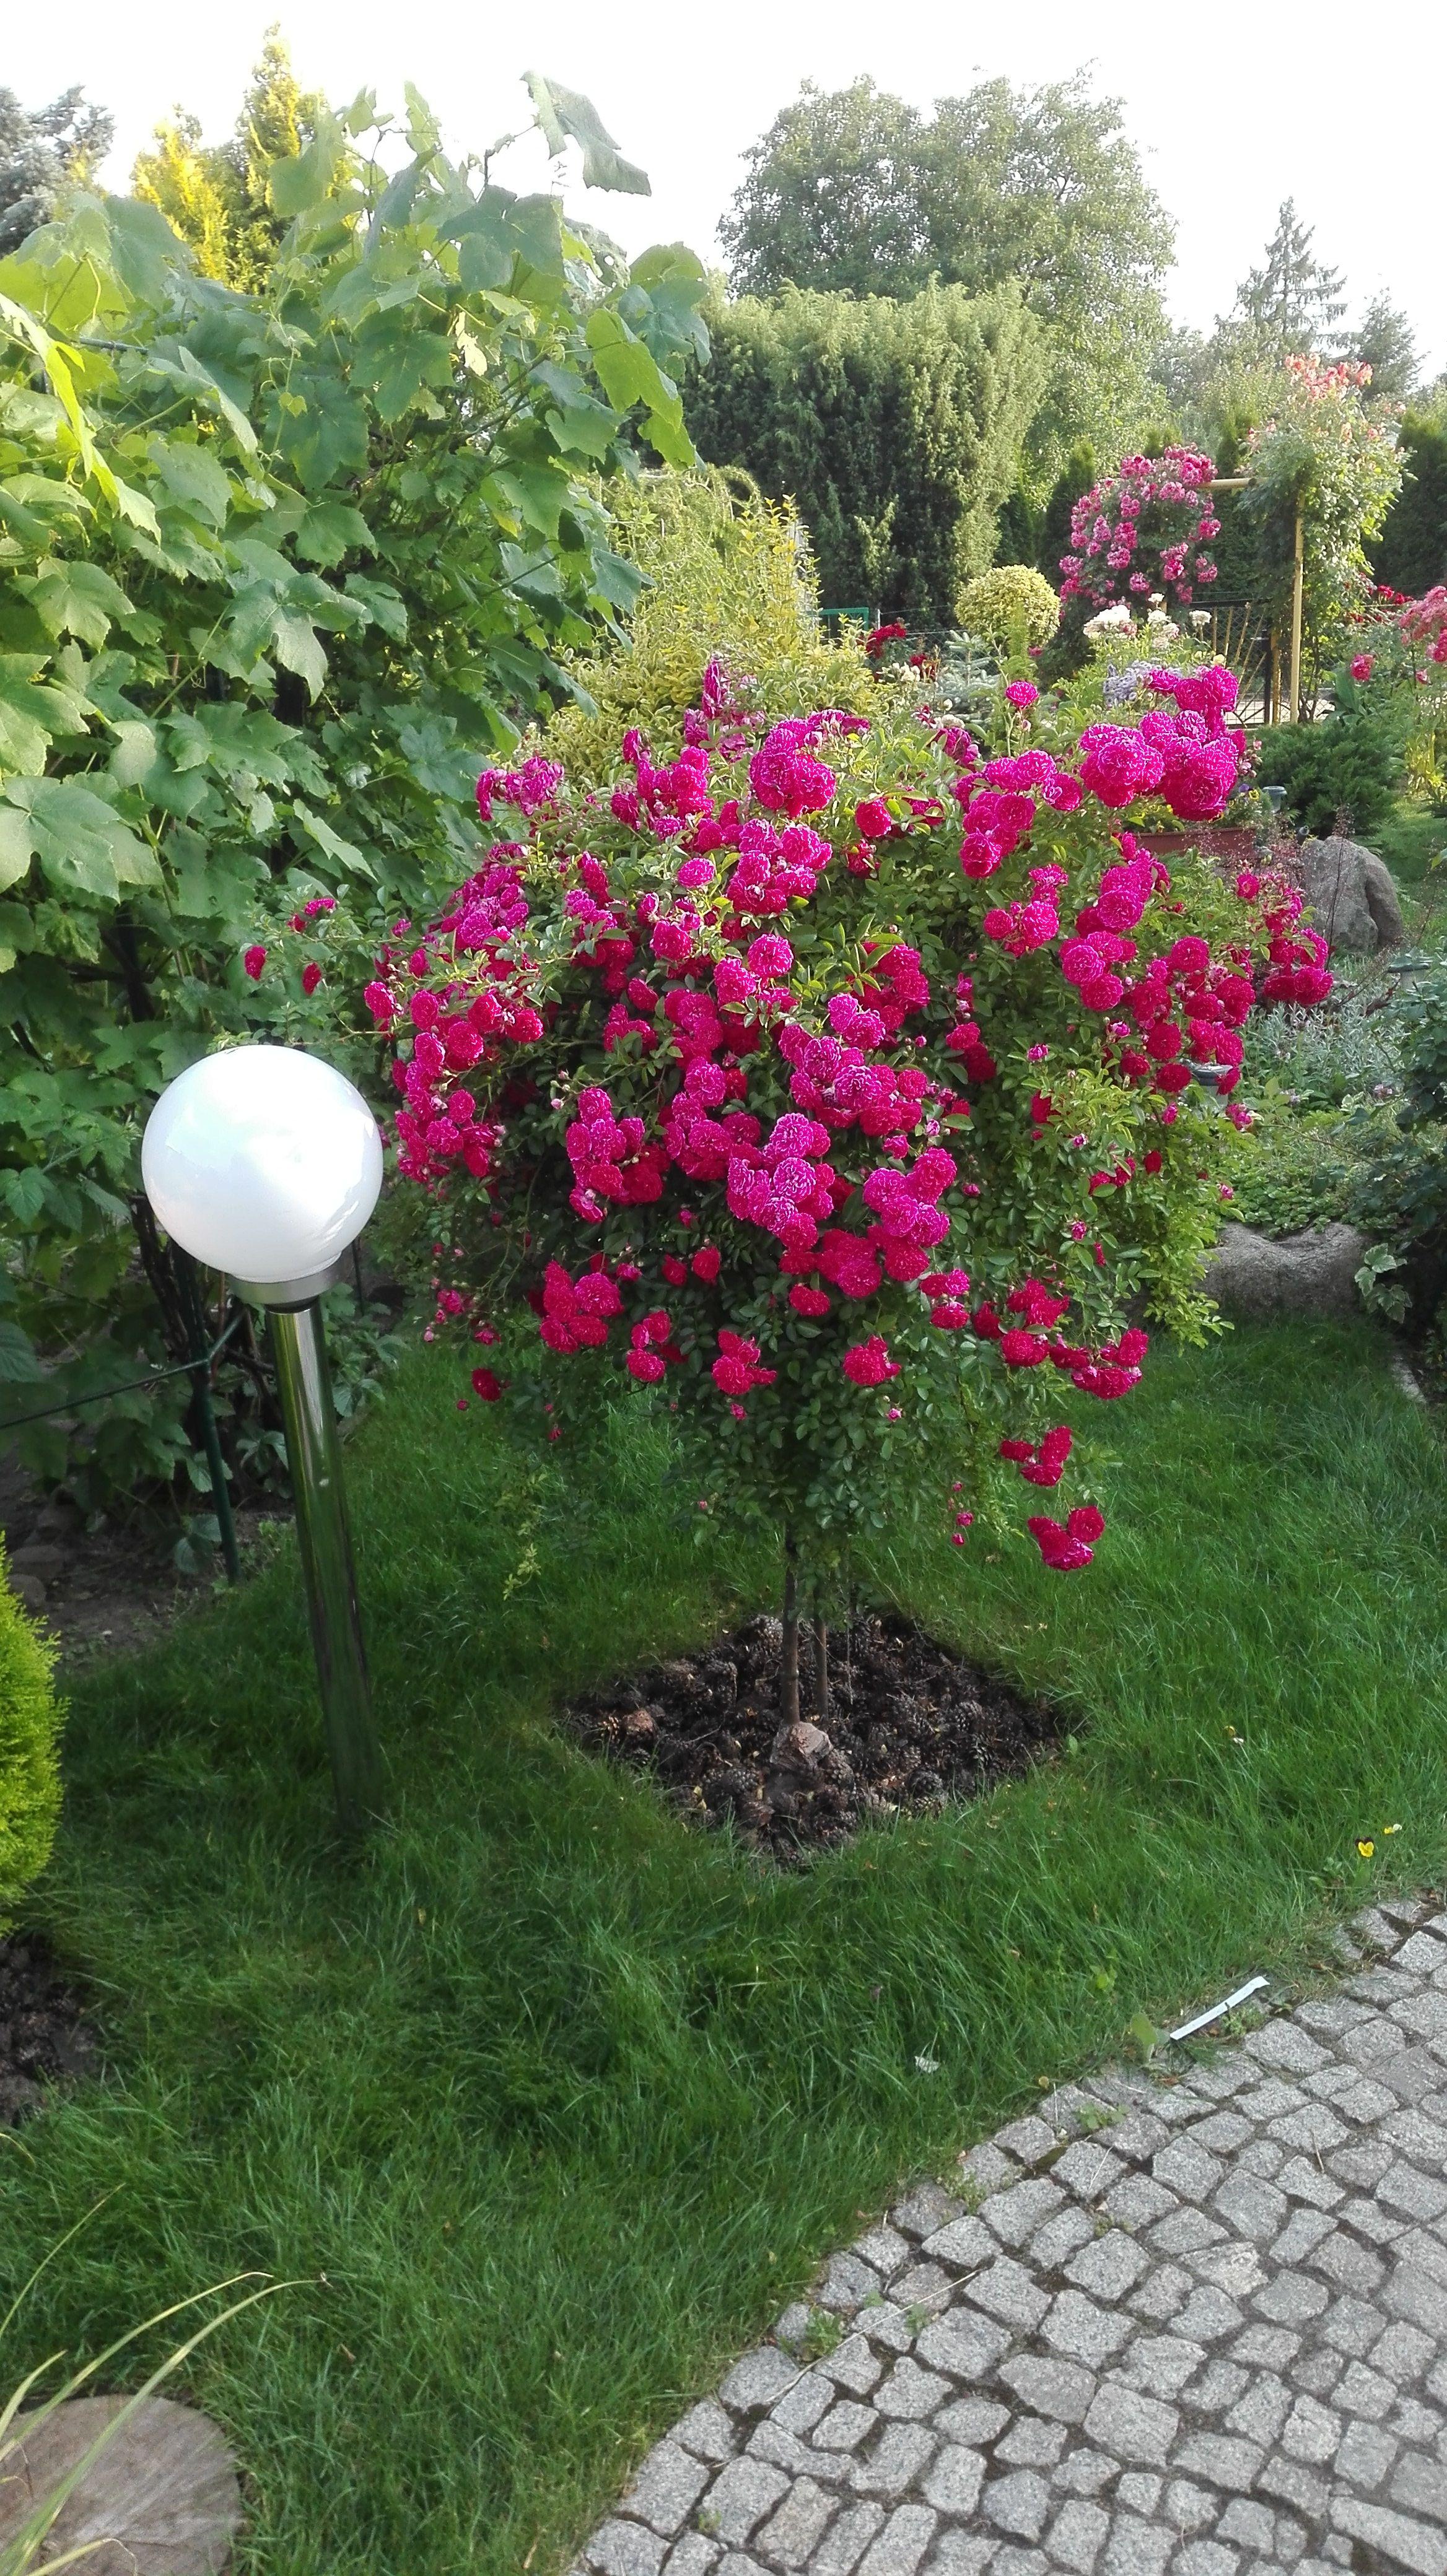 Roza Na Pniu W Ogrodzie Plants Garden Flowers